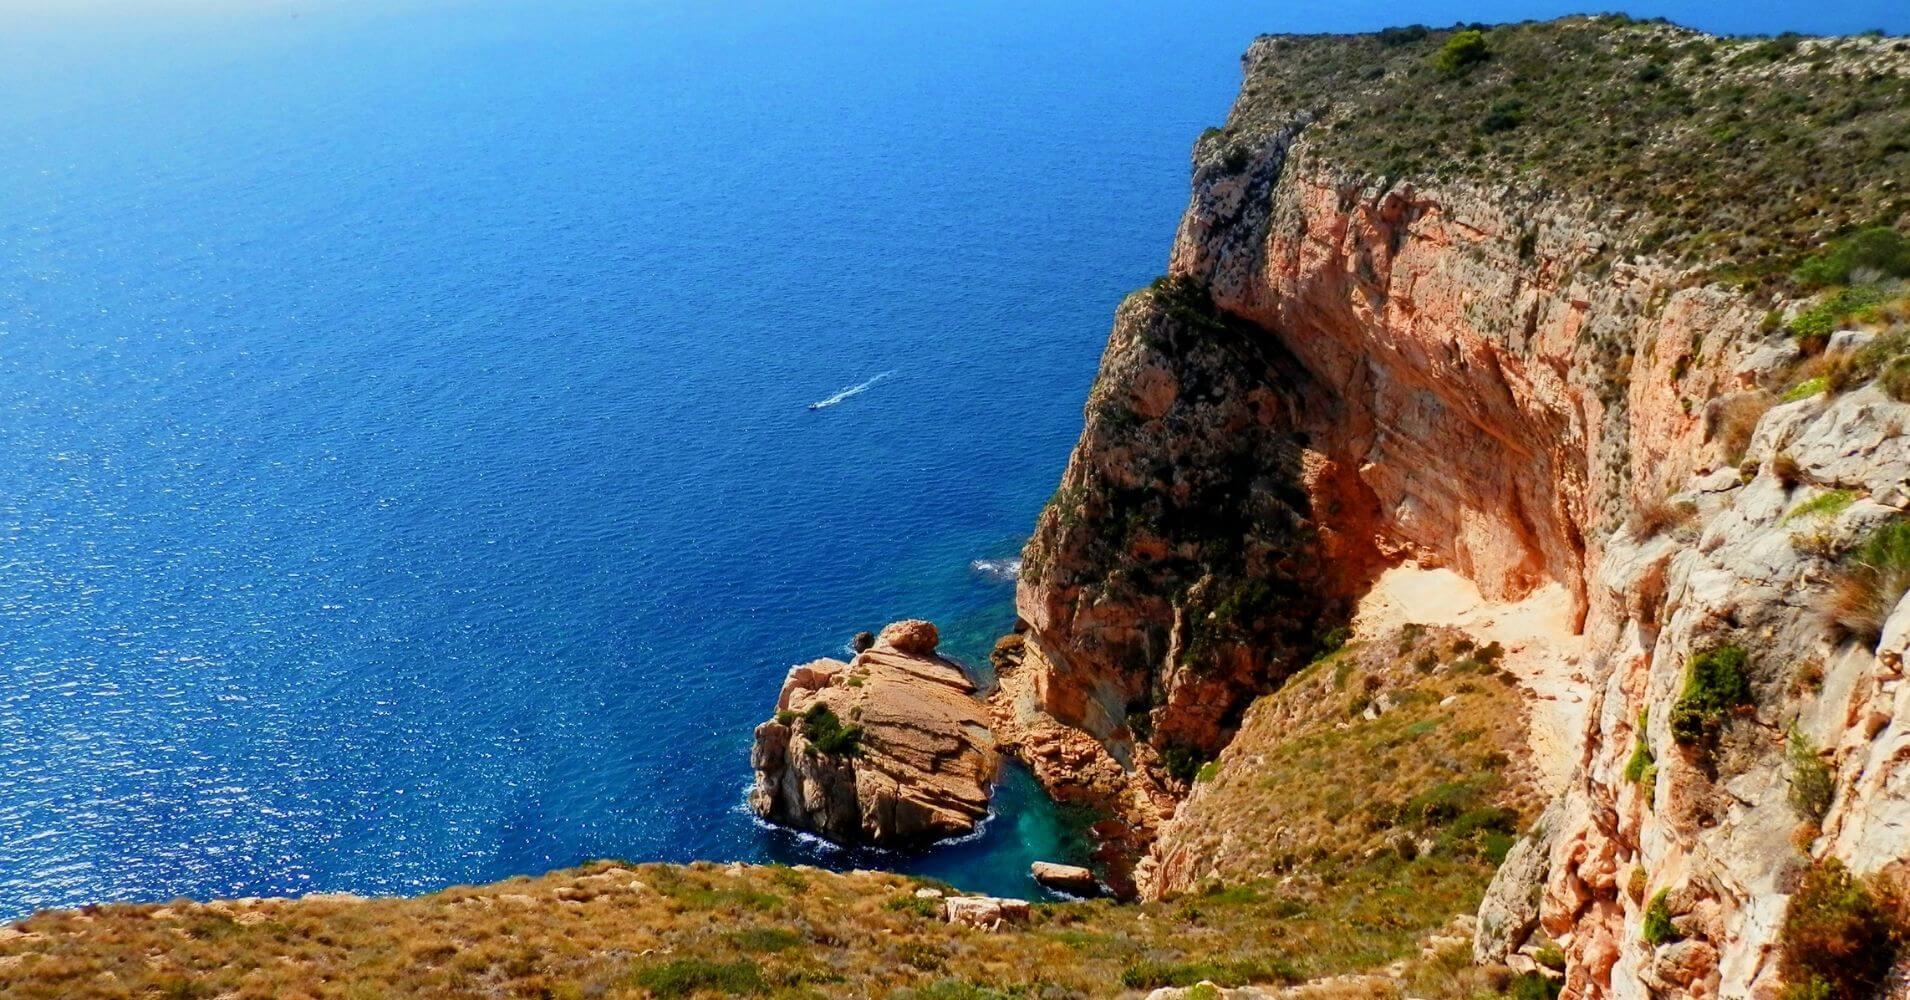 Acantilados de Cap d' Or a Vuelo de Gaviota. Moraira, Alicante. Comunidad Valenciana.